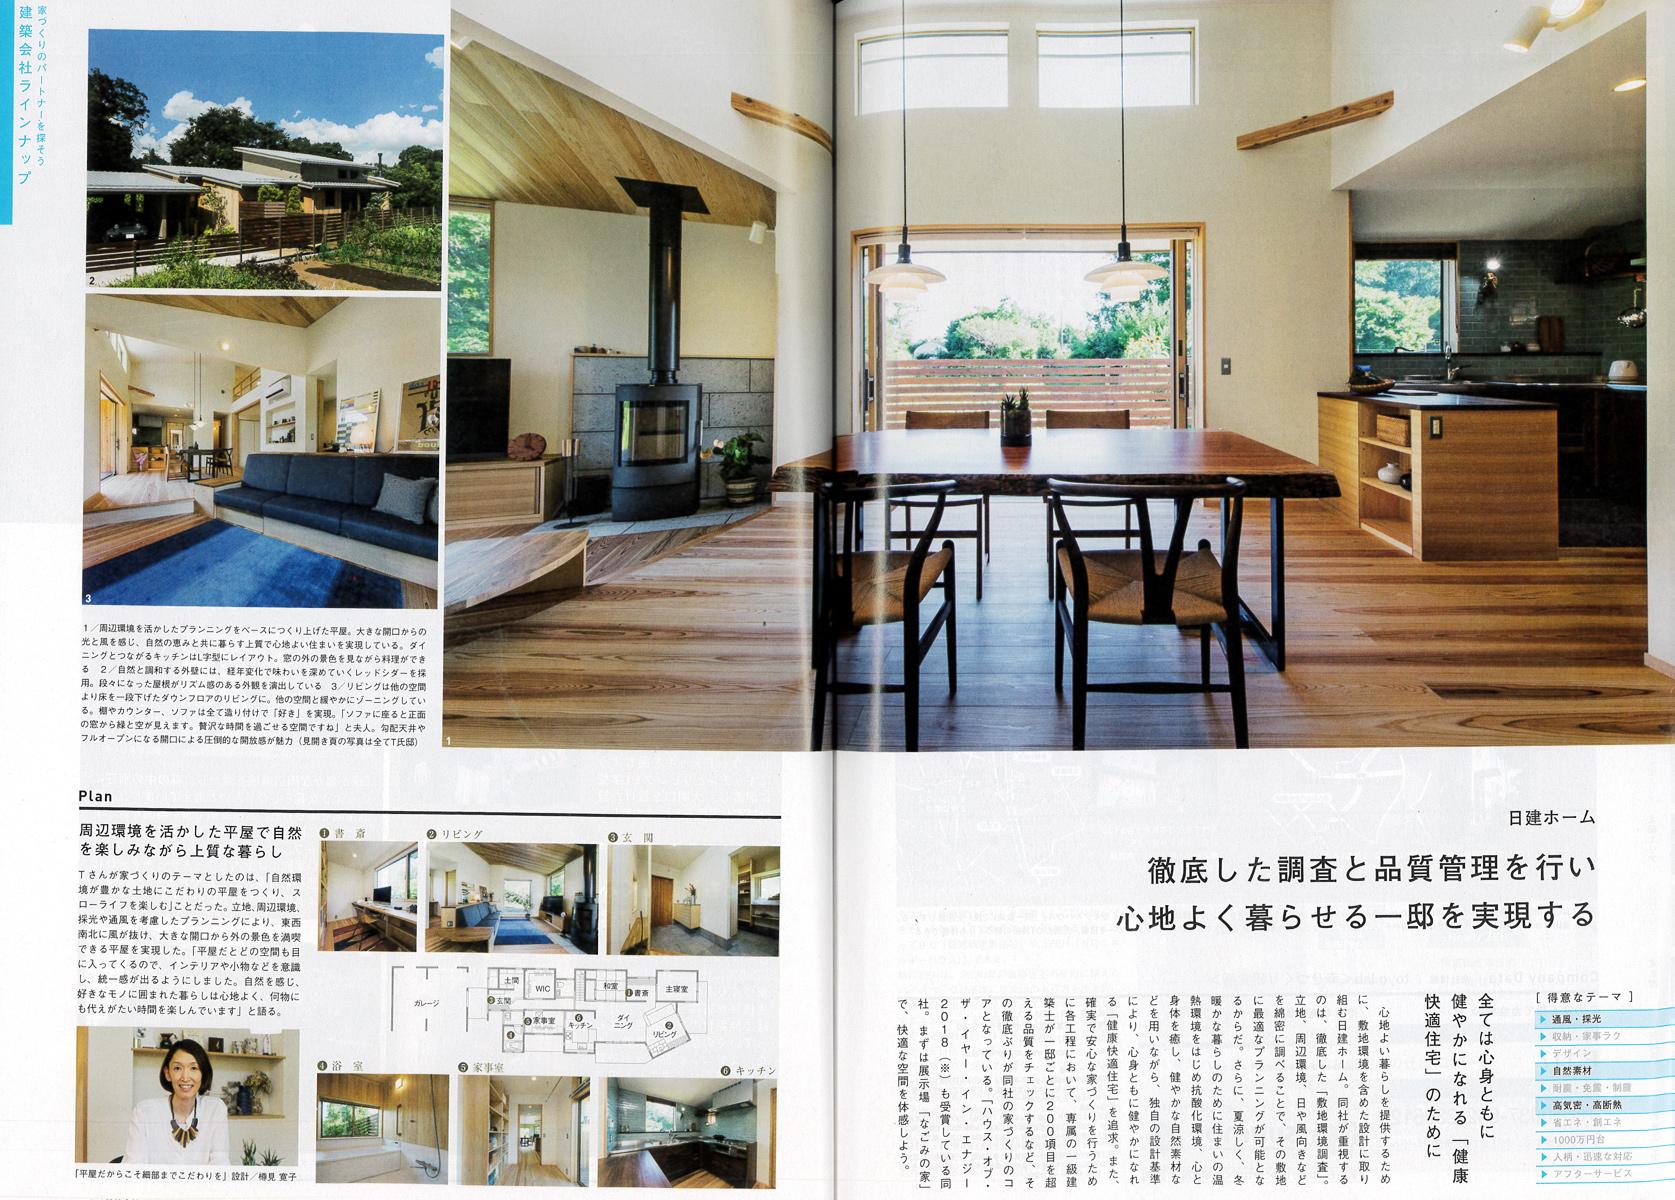 徹底した調査と品質管理を行い心地よく暮らせる一邸を実現する/周辺環境を活かした平屋で自然を楽しみながら上質な暮らし